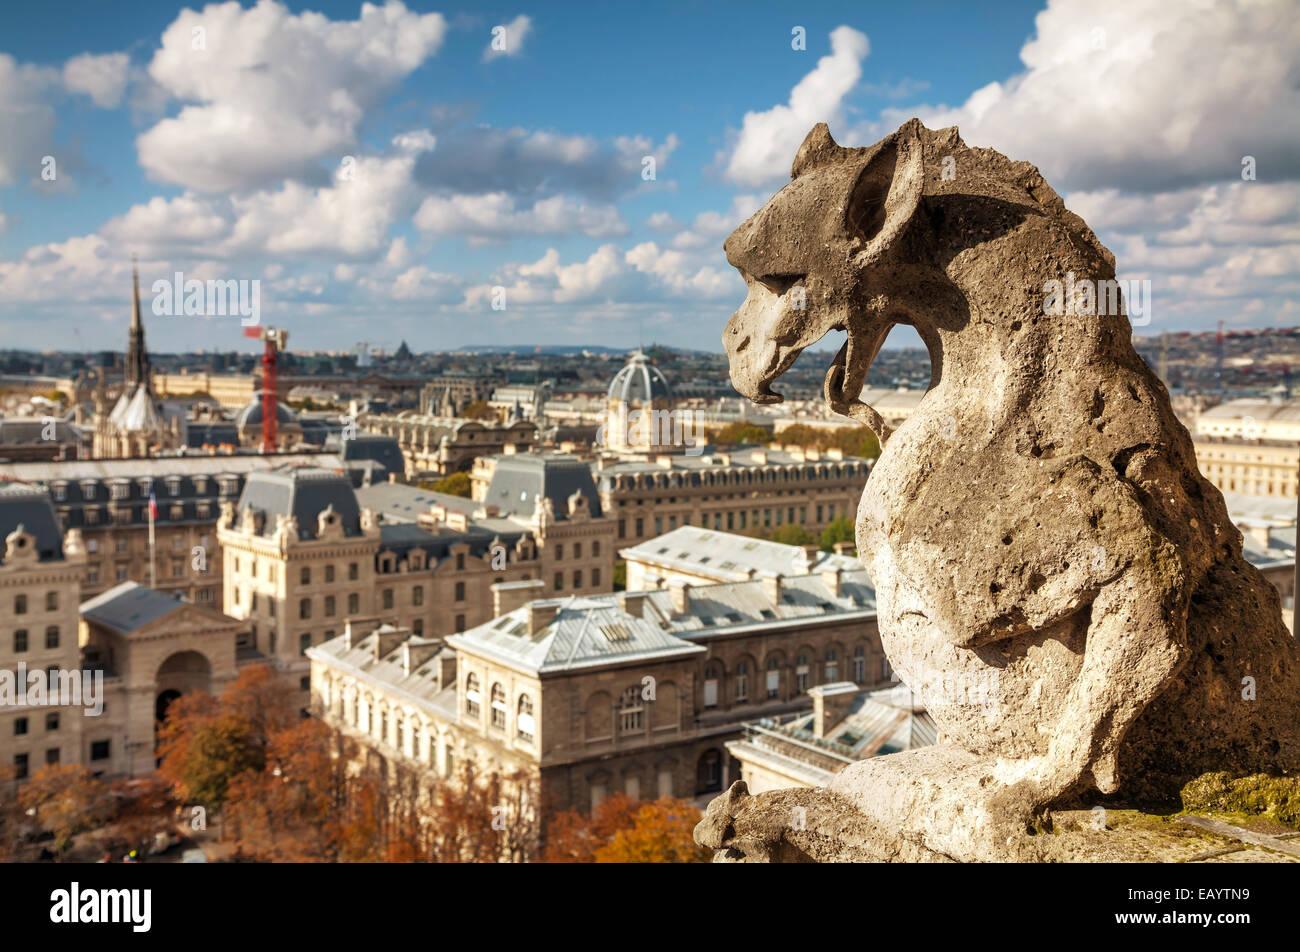 Paris aerial view with Chimera of Notre Dame de Paris - Stock Image